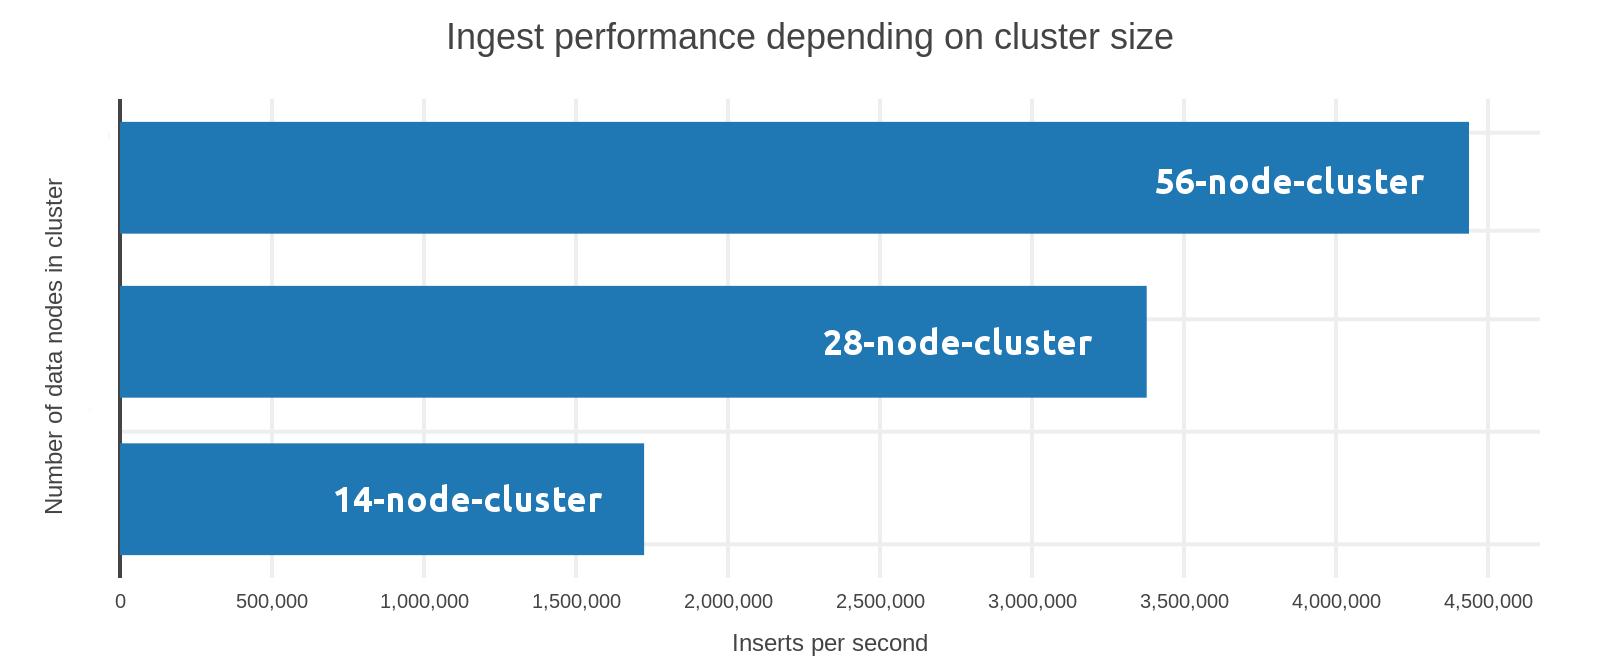 Figure 1: Ingest performance depending on number of nodes